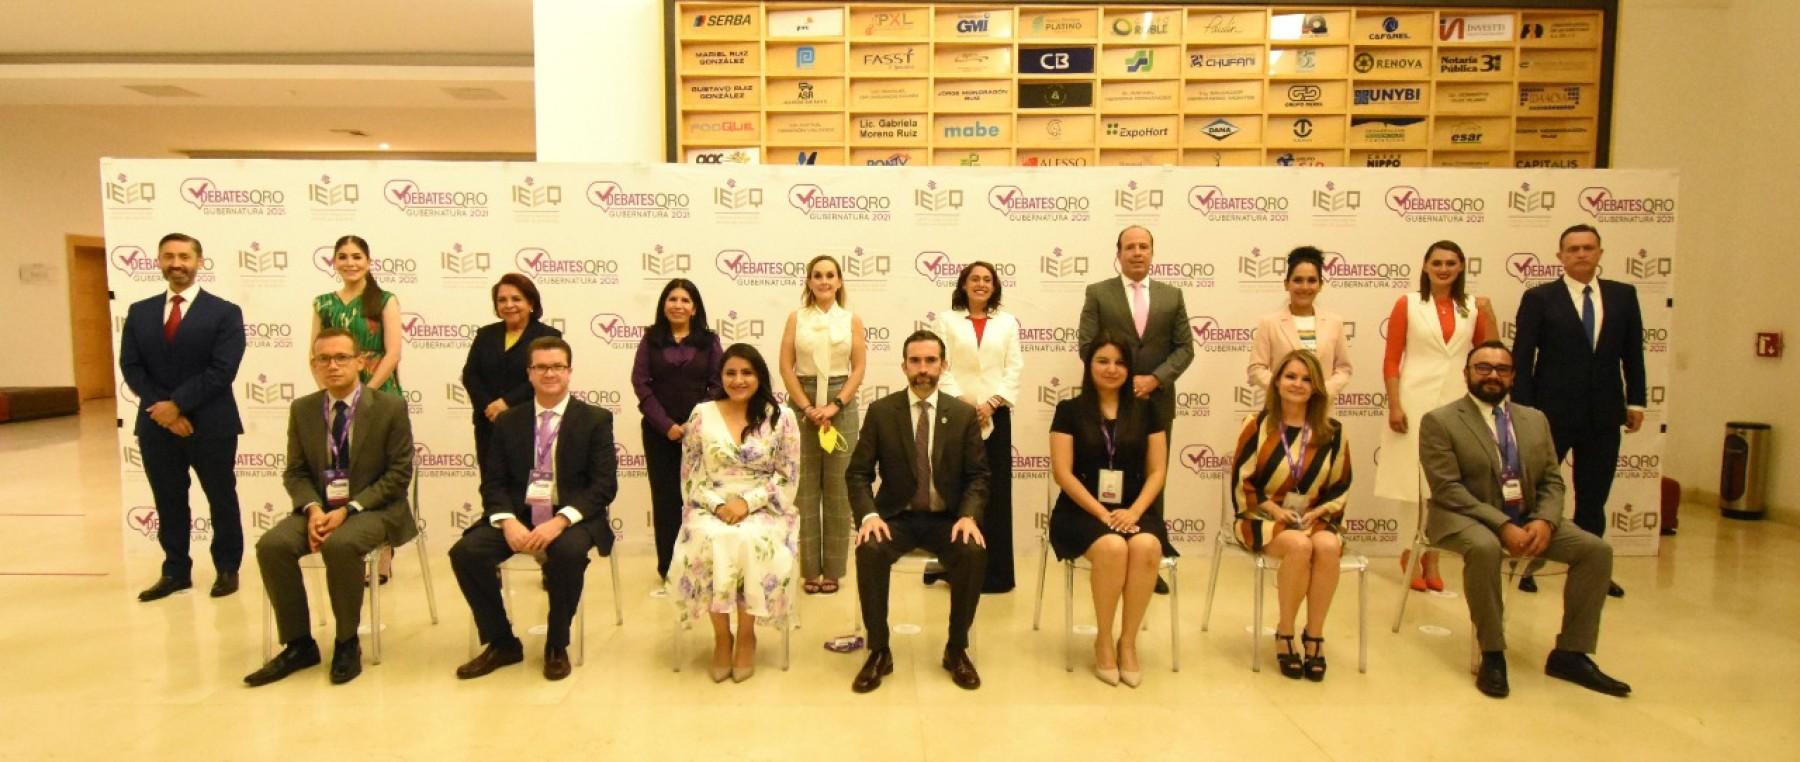 Candidatos-Querétaro-debate